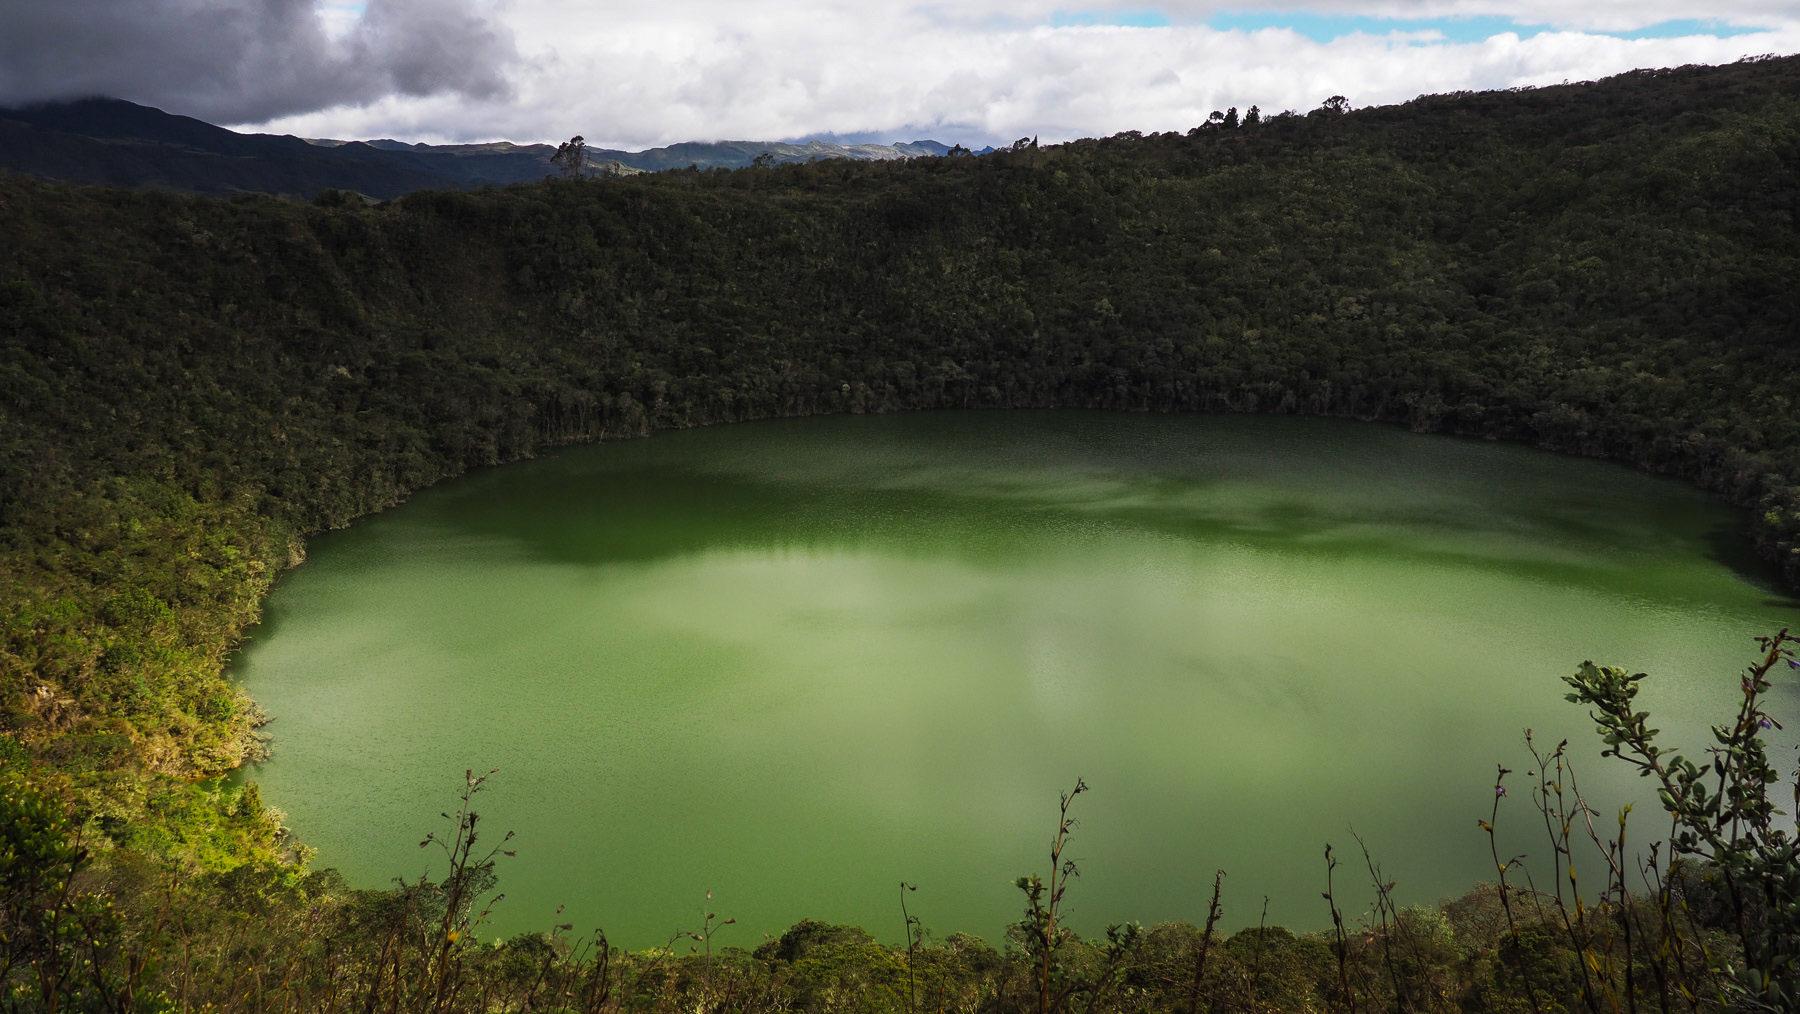 Wanderung zum mystischen heiligen See der Muiscas – Laguna de Guatavita